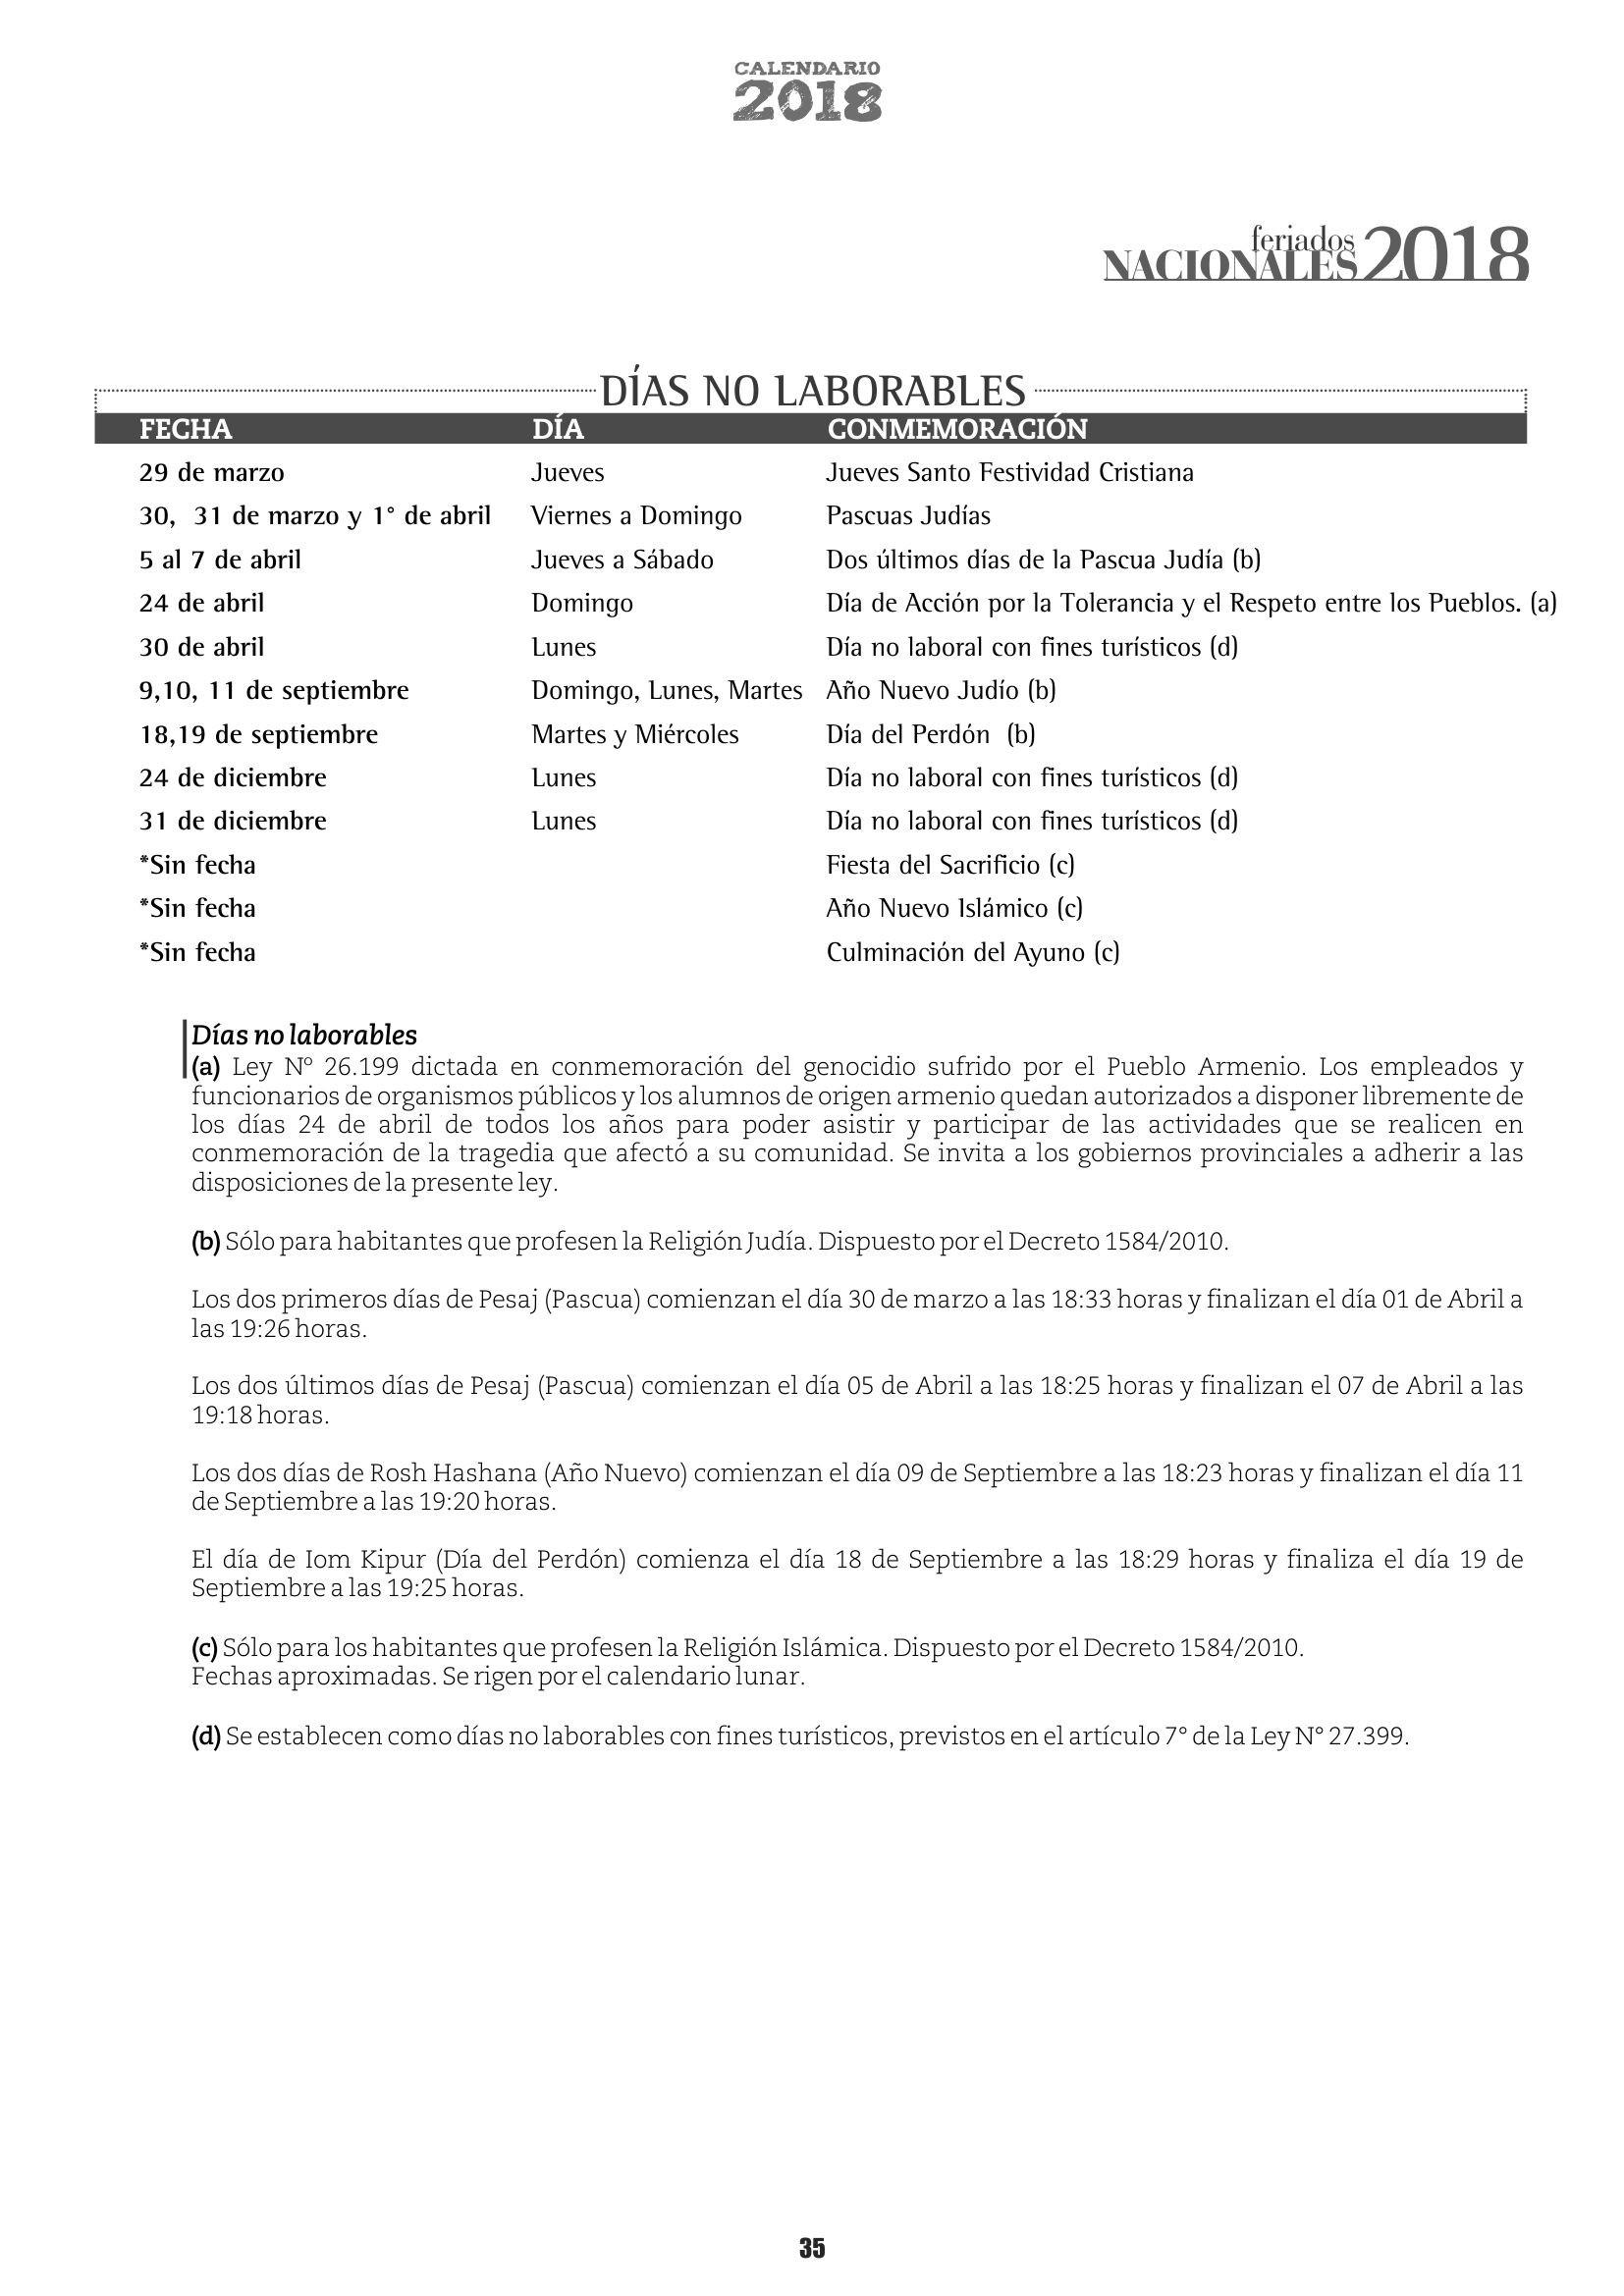 Calendario Escolar 2019 Para Imprimir Com Feriados Más Recientes Calendario Escolar 2018 Of Calendario Escolar 2019 Para Imprimir Com Feriados Más Actual Calendario Escolar 2018